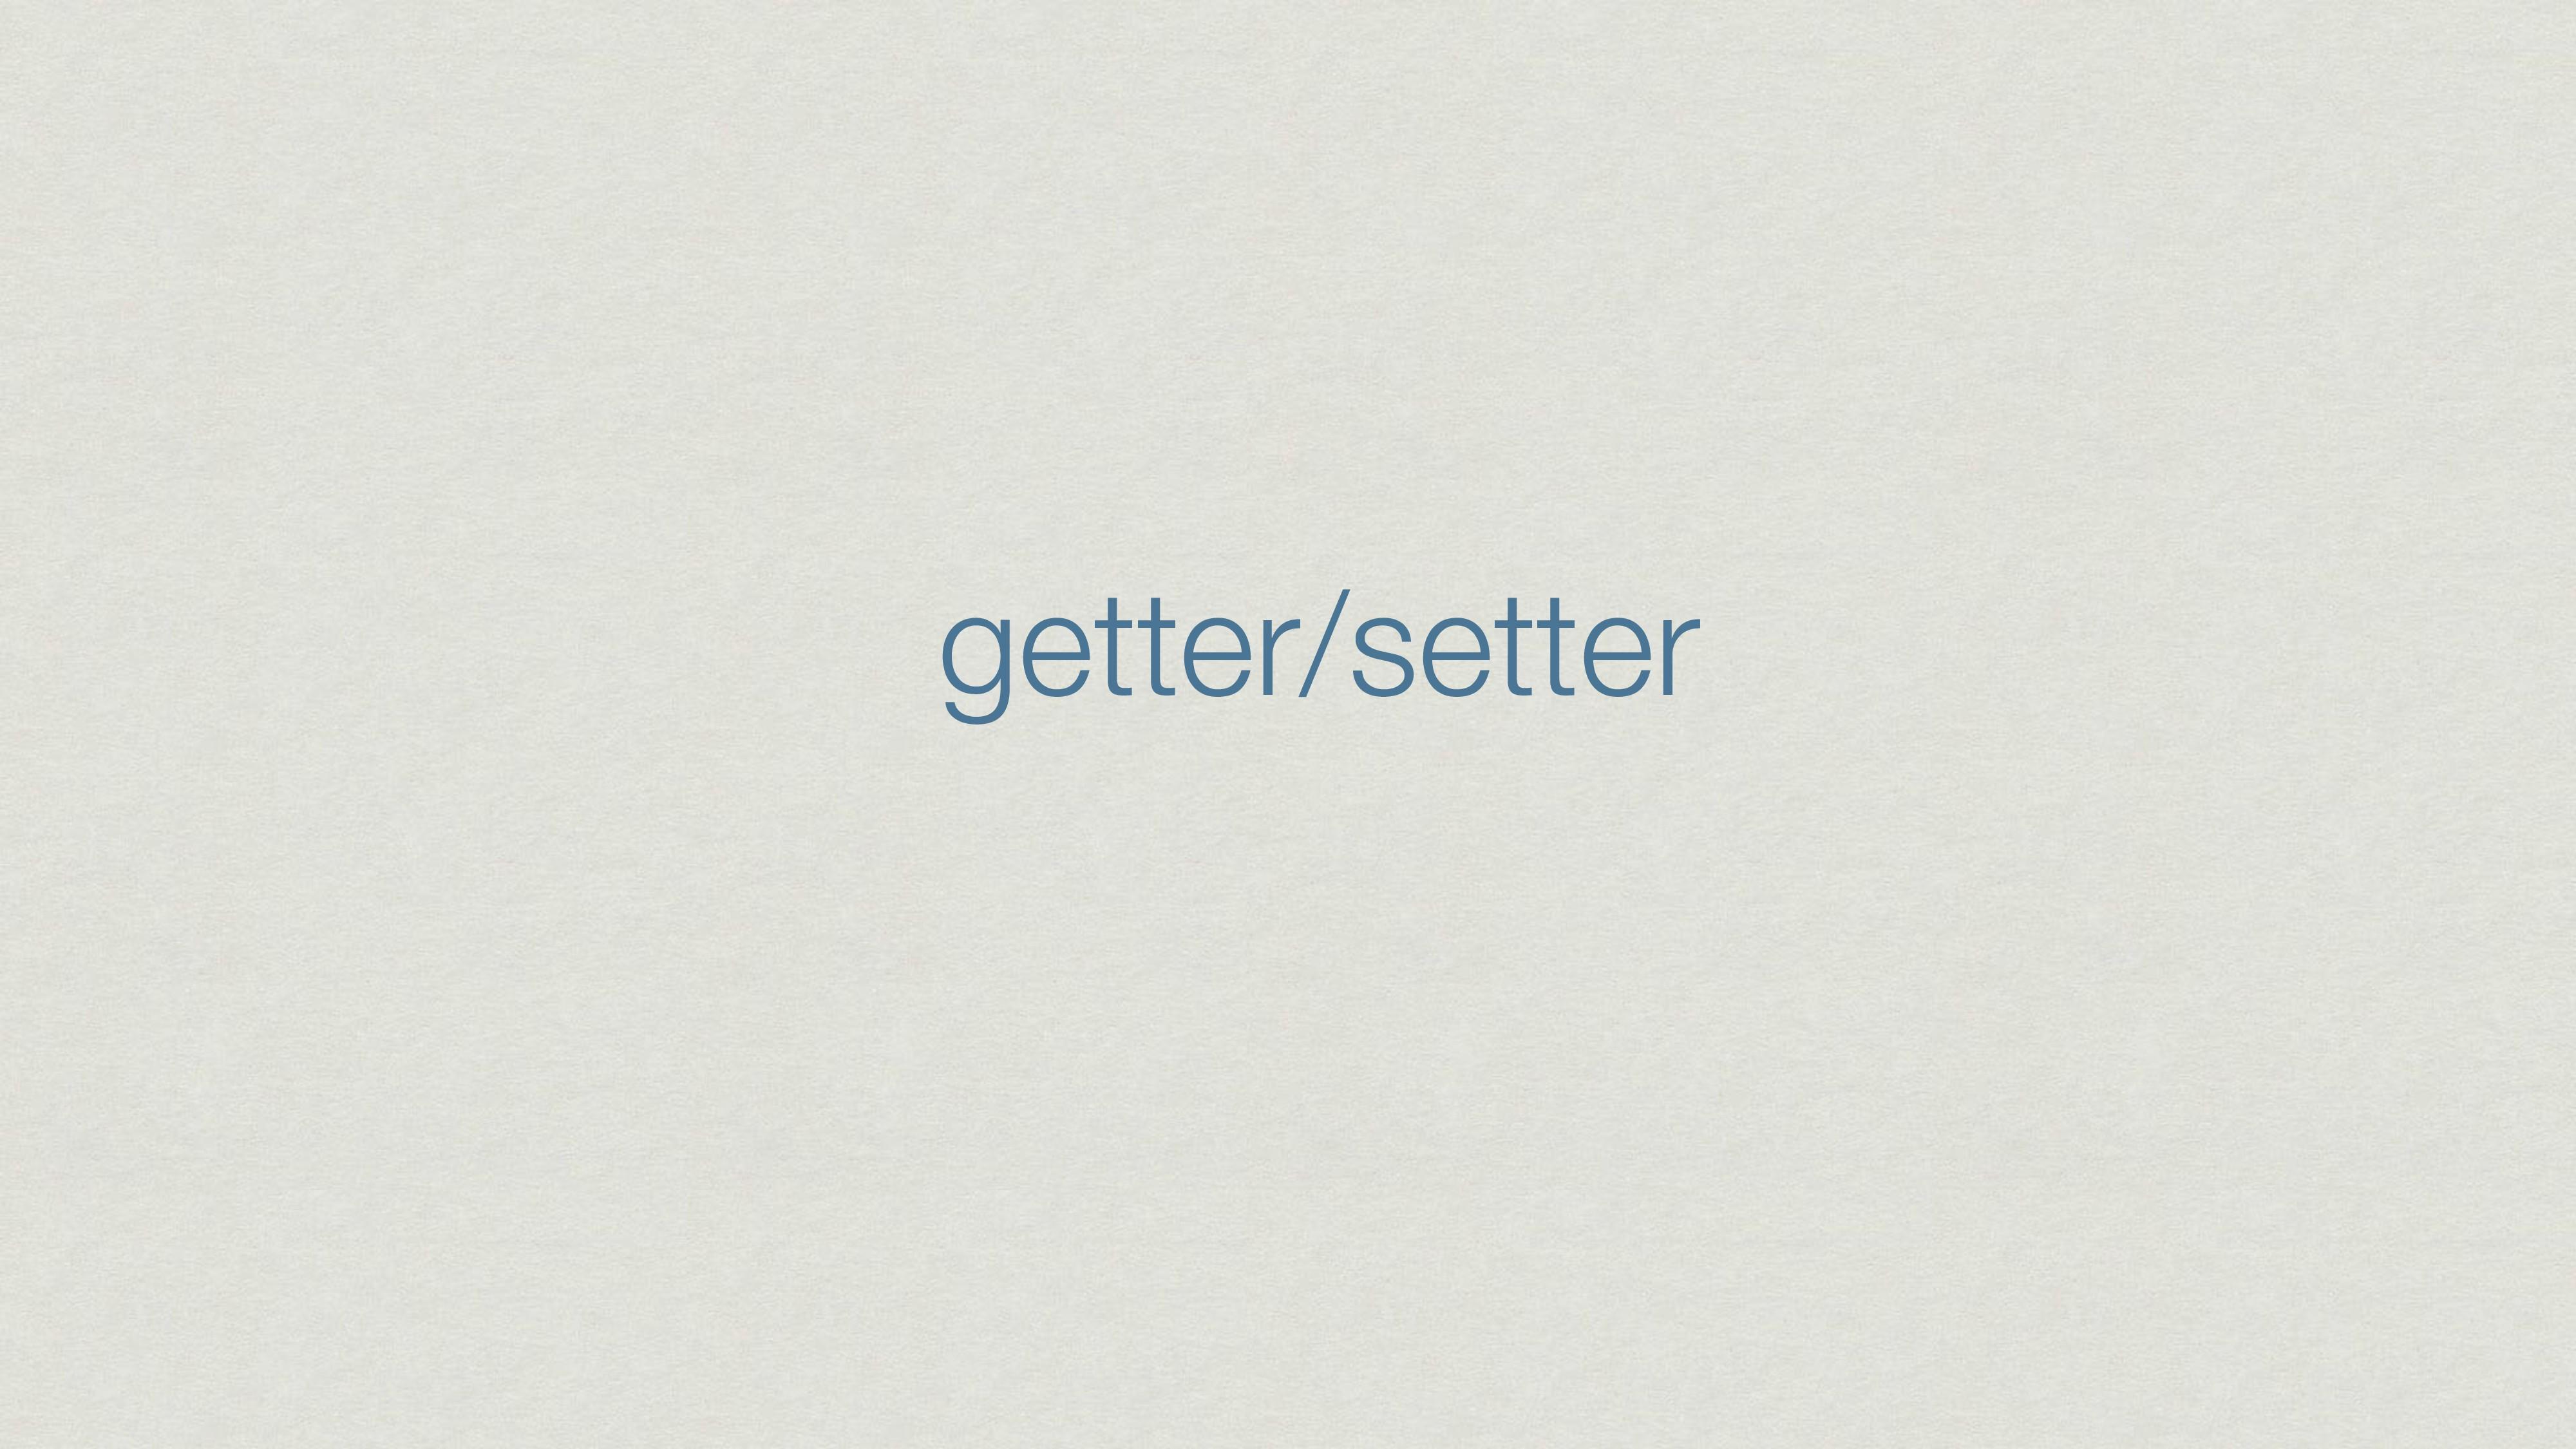 getter/setter